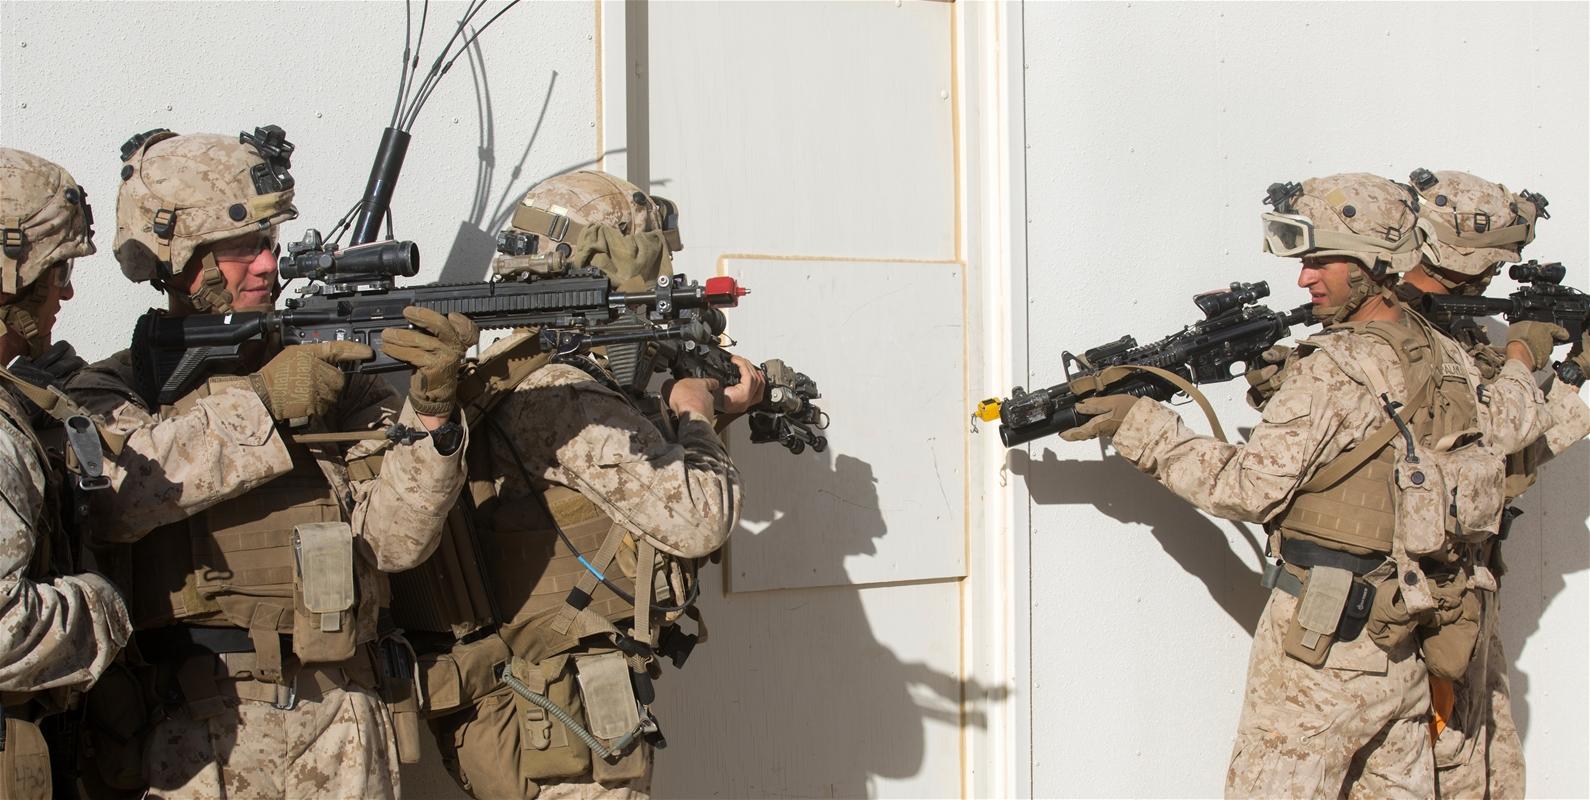 HK416在美壯大:美陸戰隊擬將M27 IAR列為制式步槍! - 尖端科技